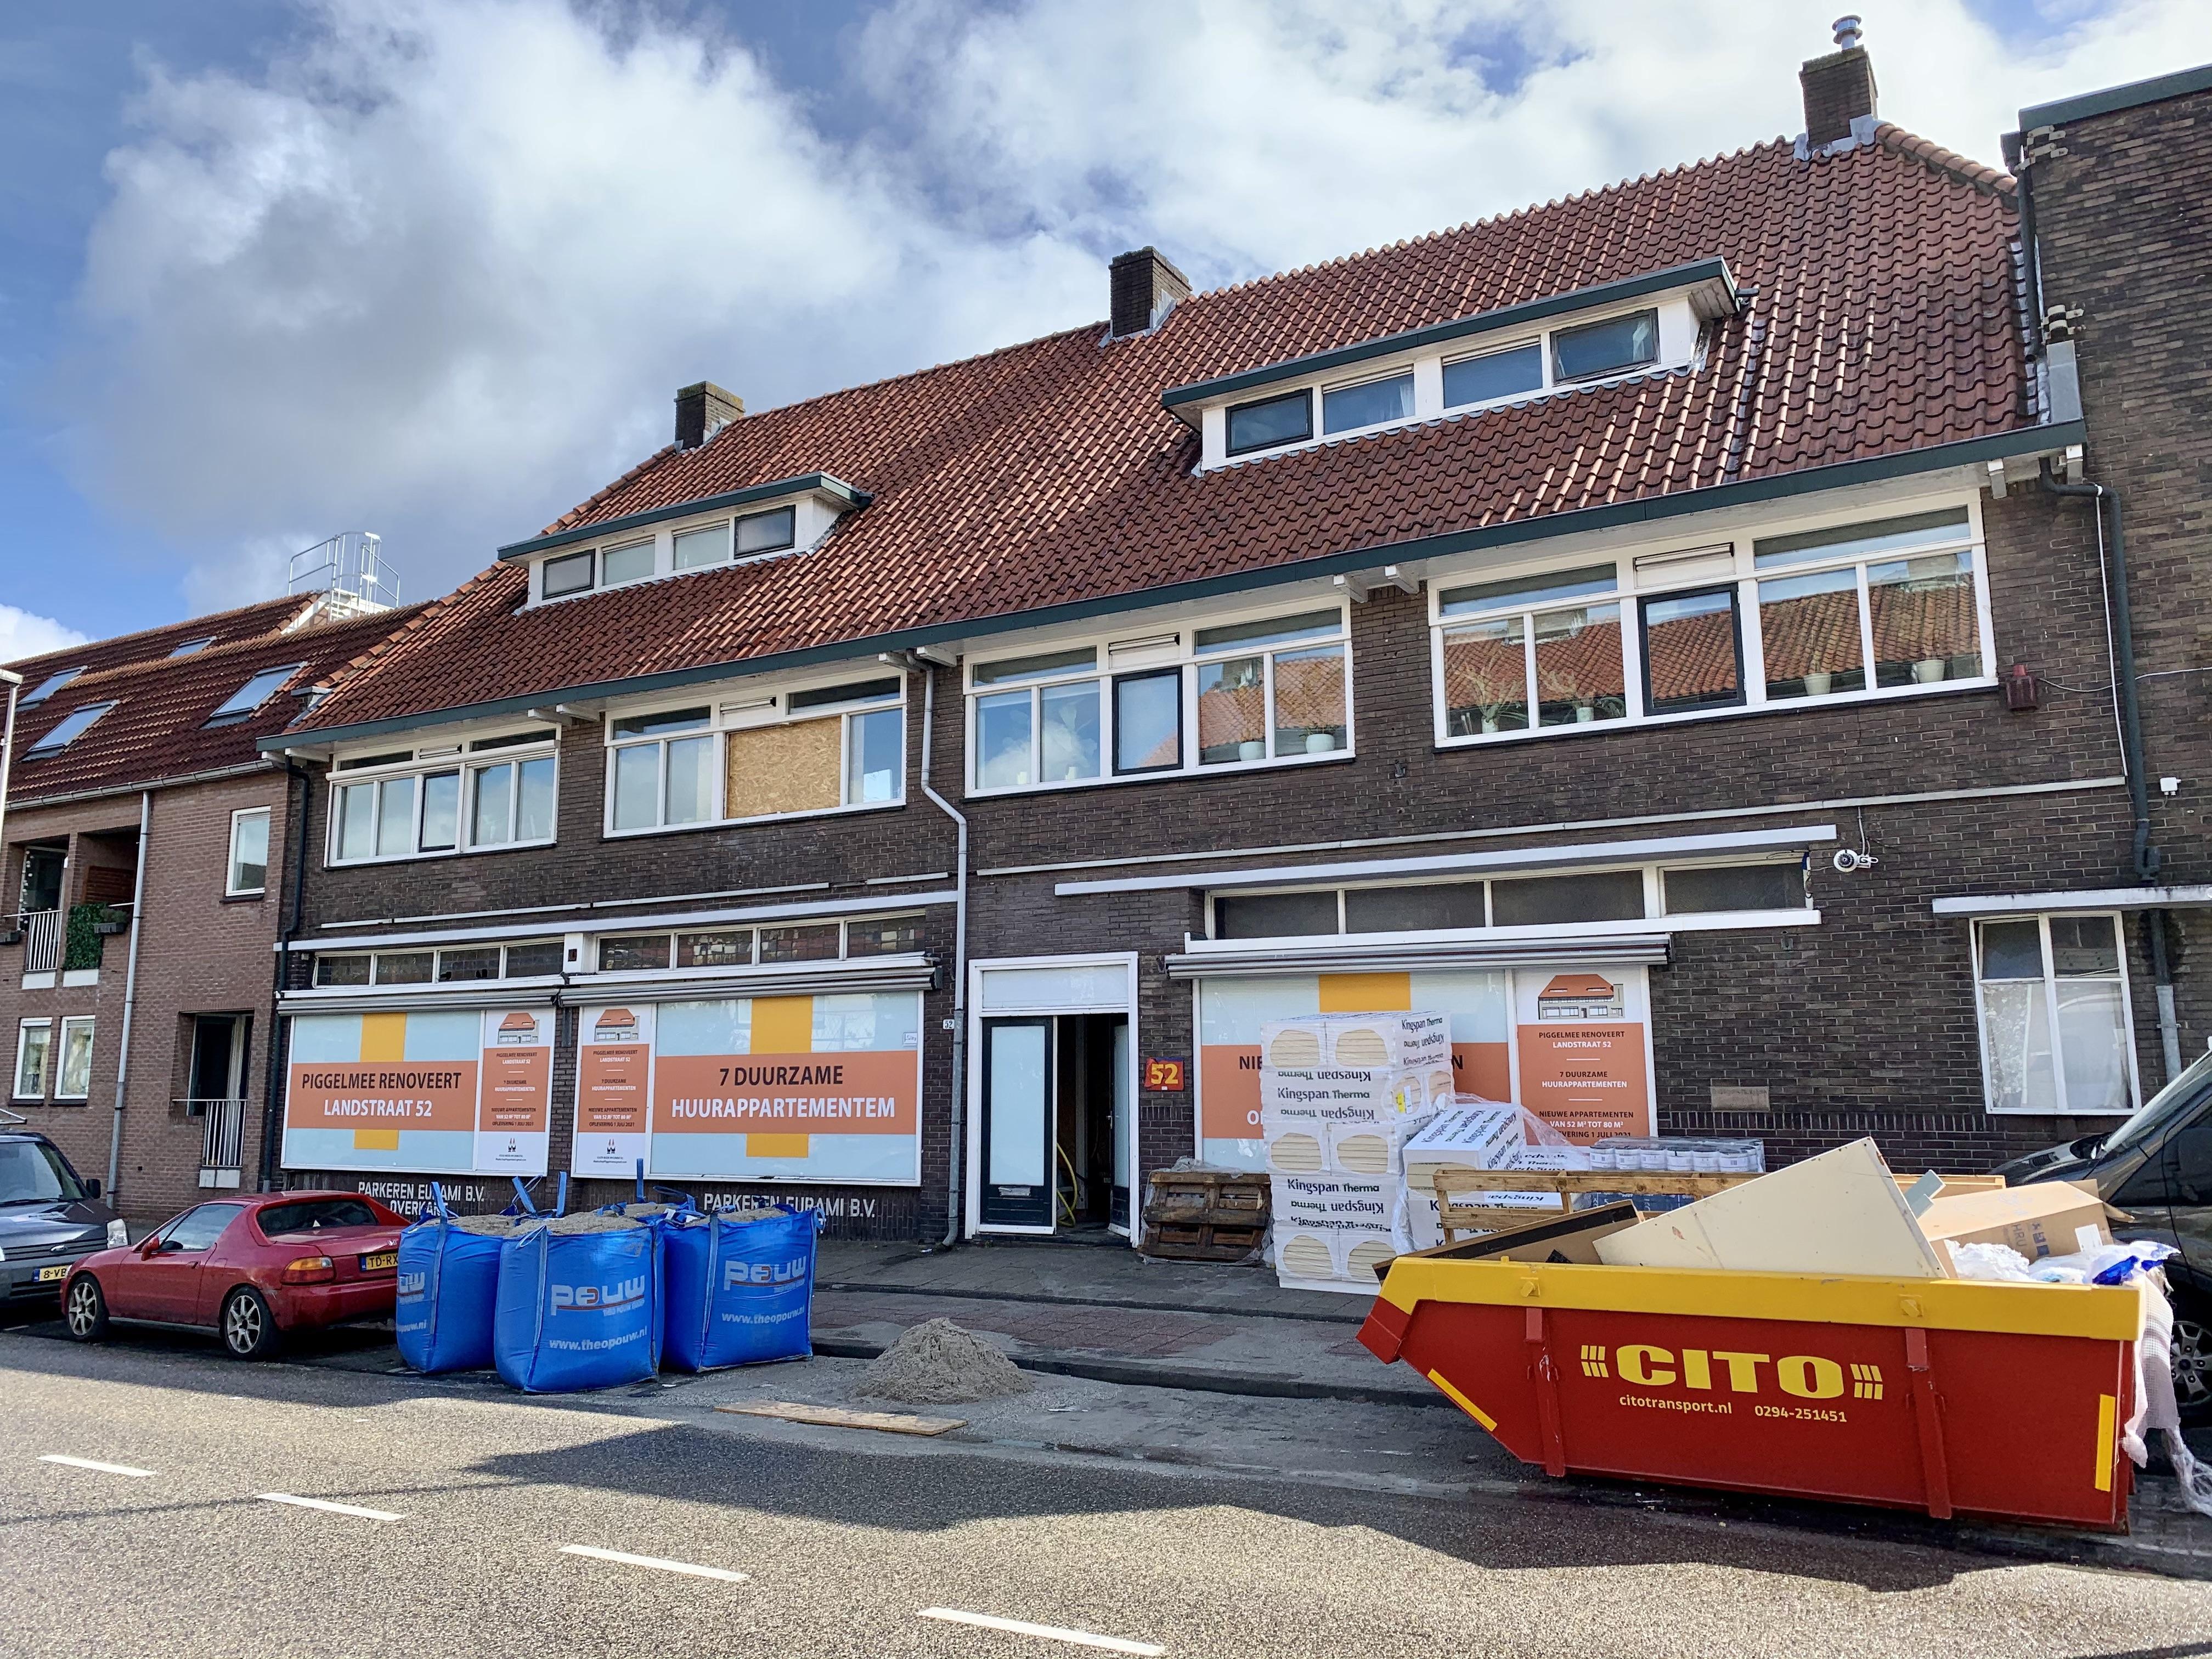 'Ongebruikelijke stap' om advies bezwaarcommissie niet te volgen; Coalitiepartijen stellen vragen over bouw appartementen in Euramipand Bussum